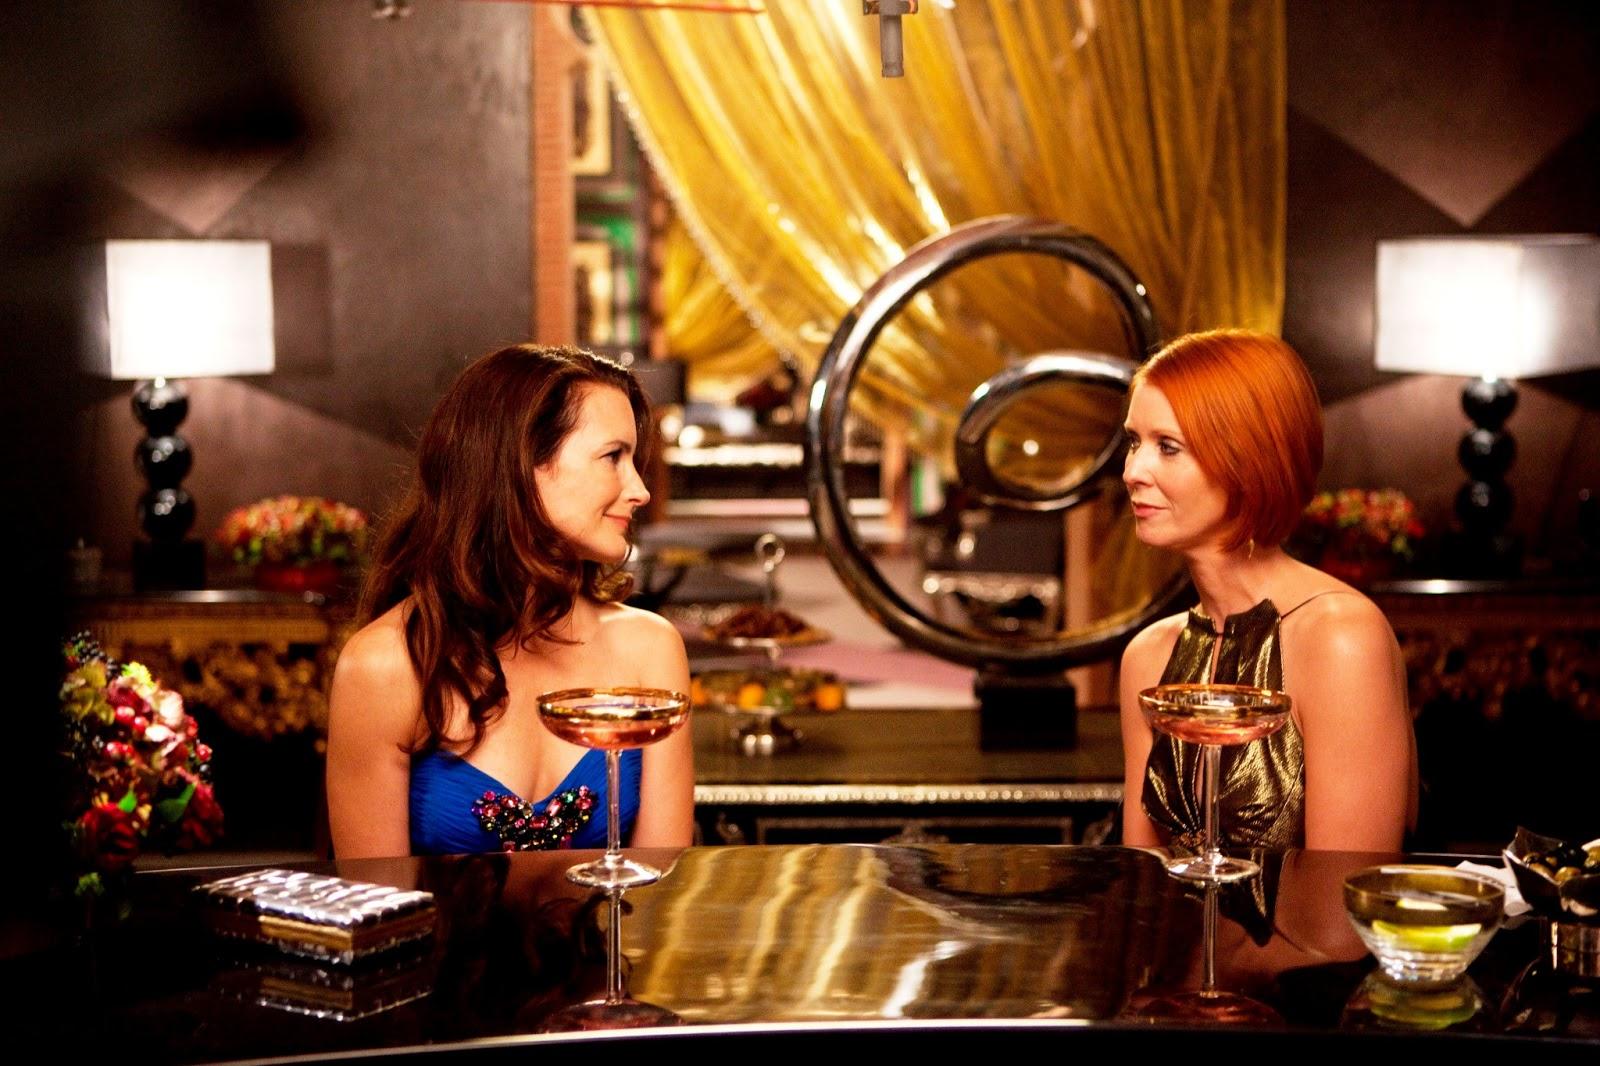 http://1.bp.blogspot.com/-DyQQaHb19ug/UP9u6lns9JI/AAAAAAAAd1Q/X9KSgBu655k/s1600/Sex+and+the+City+2+(2010)-2.jpg